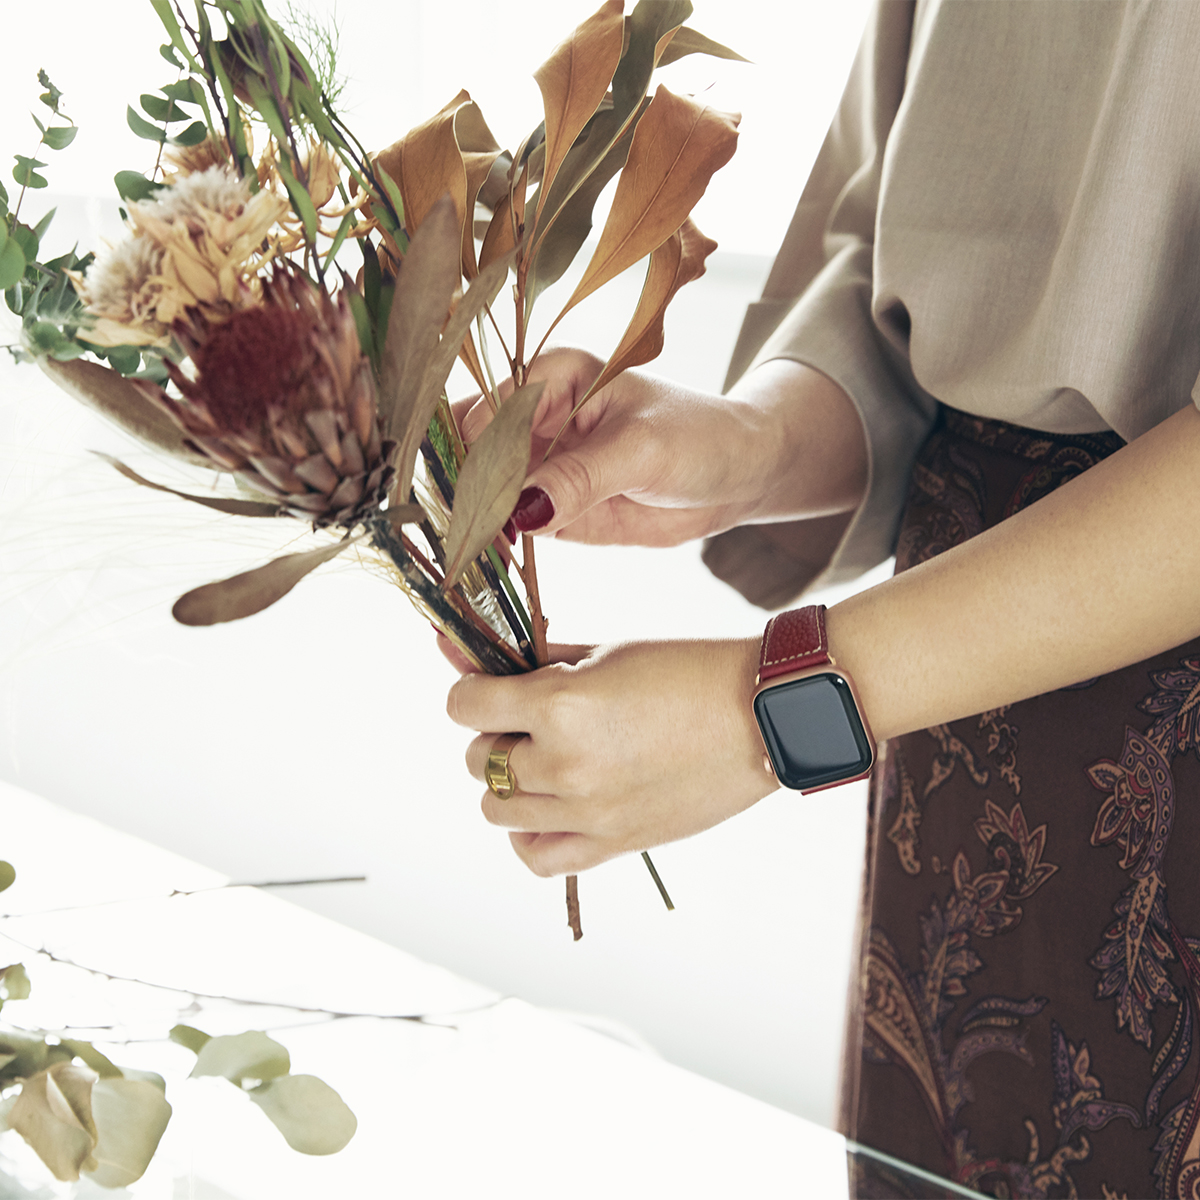 暮らしの中で、真の豊かさを実感できるようなものづくりを追求し、2019年秋にEPONASは誕生。アクティブな腕元を洗練する、ワンタッチ着脱の「Apple Watchバンド」|EPONAS(エポナス)